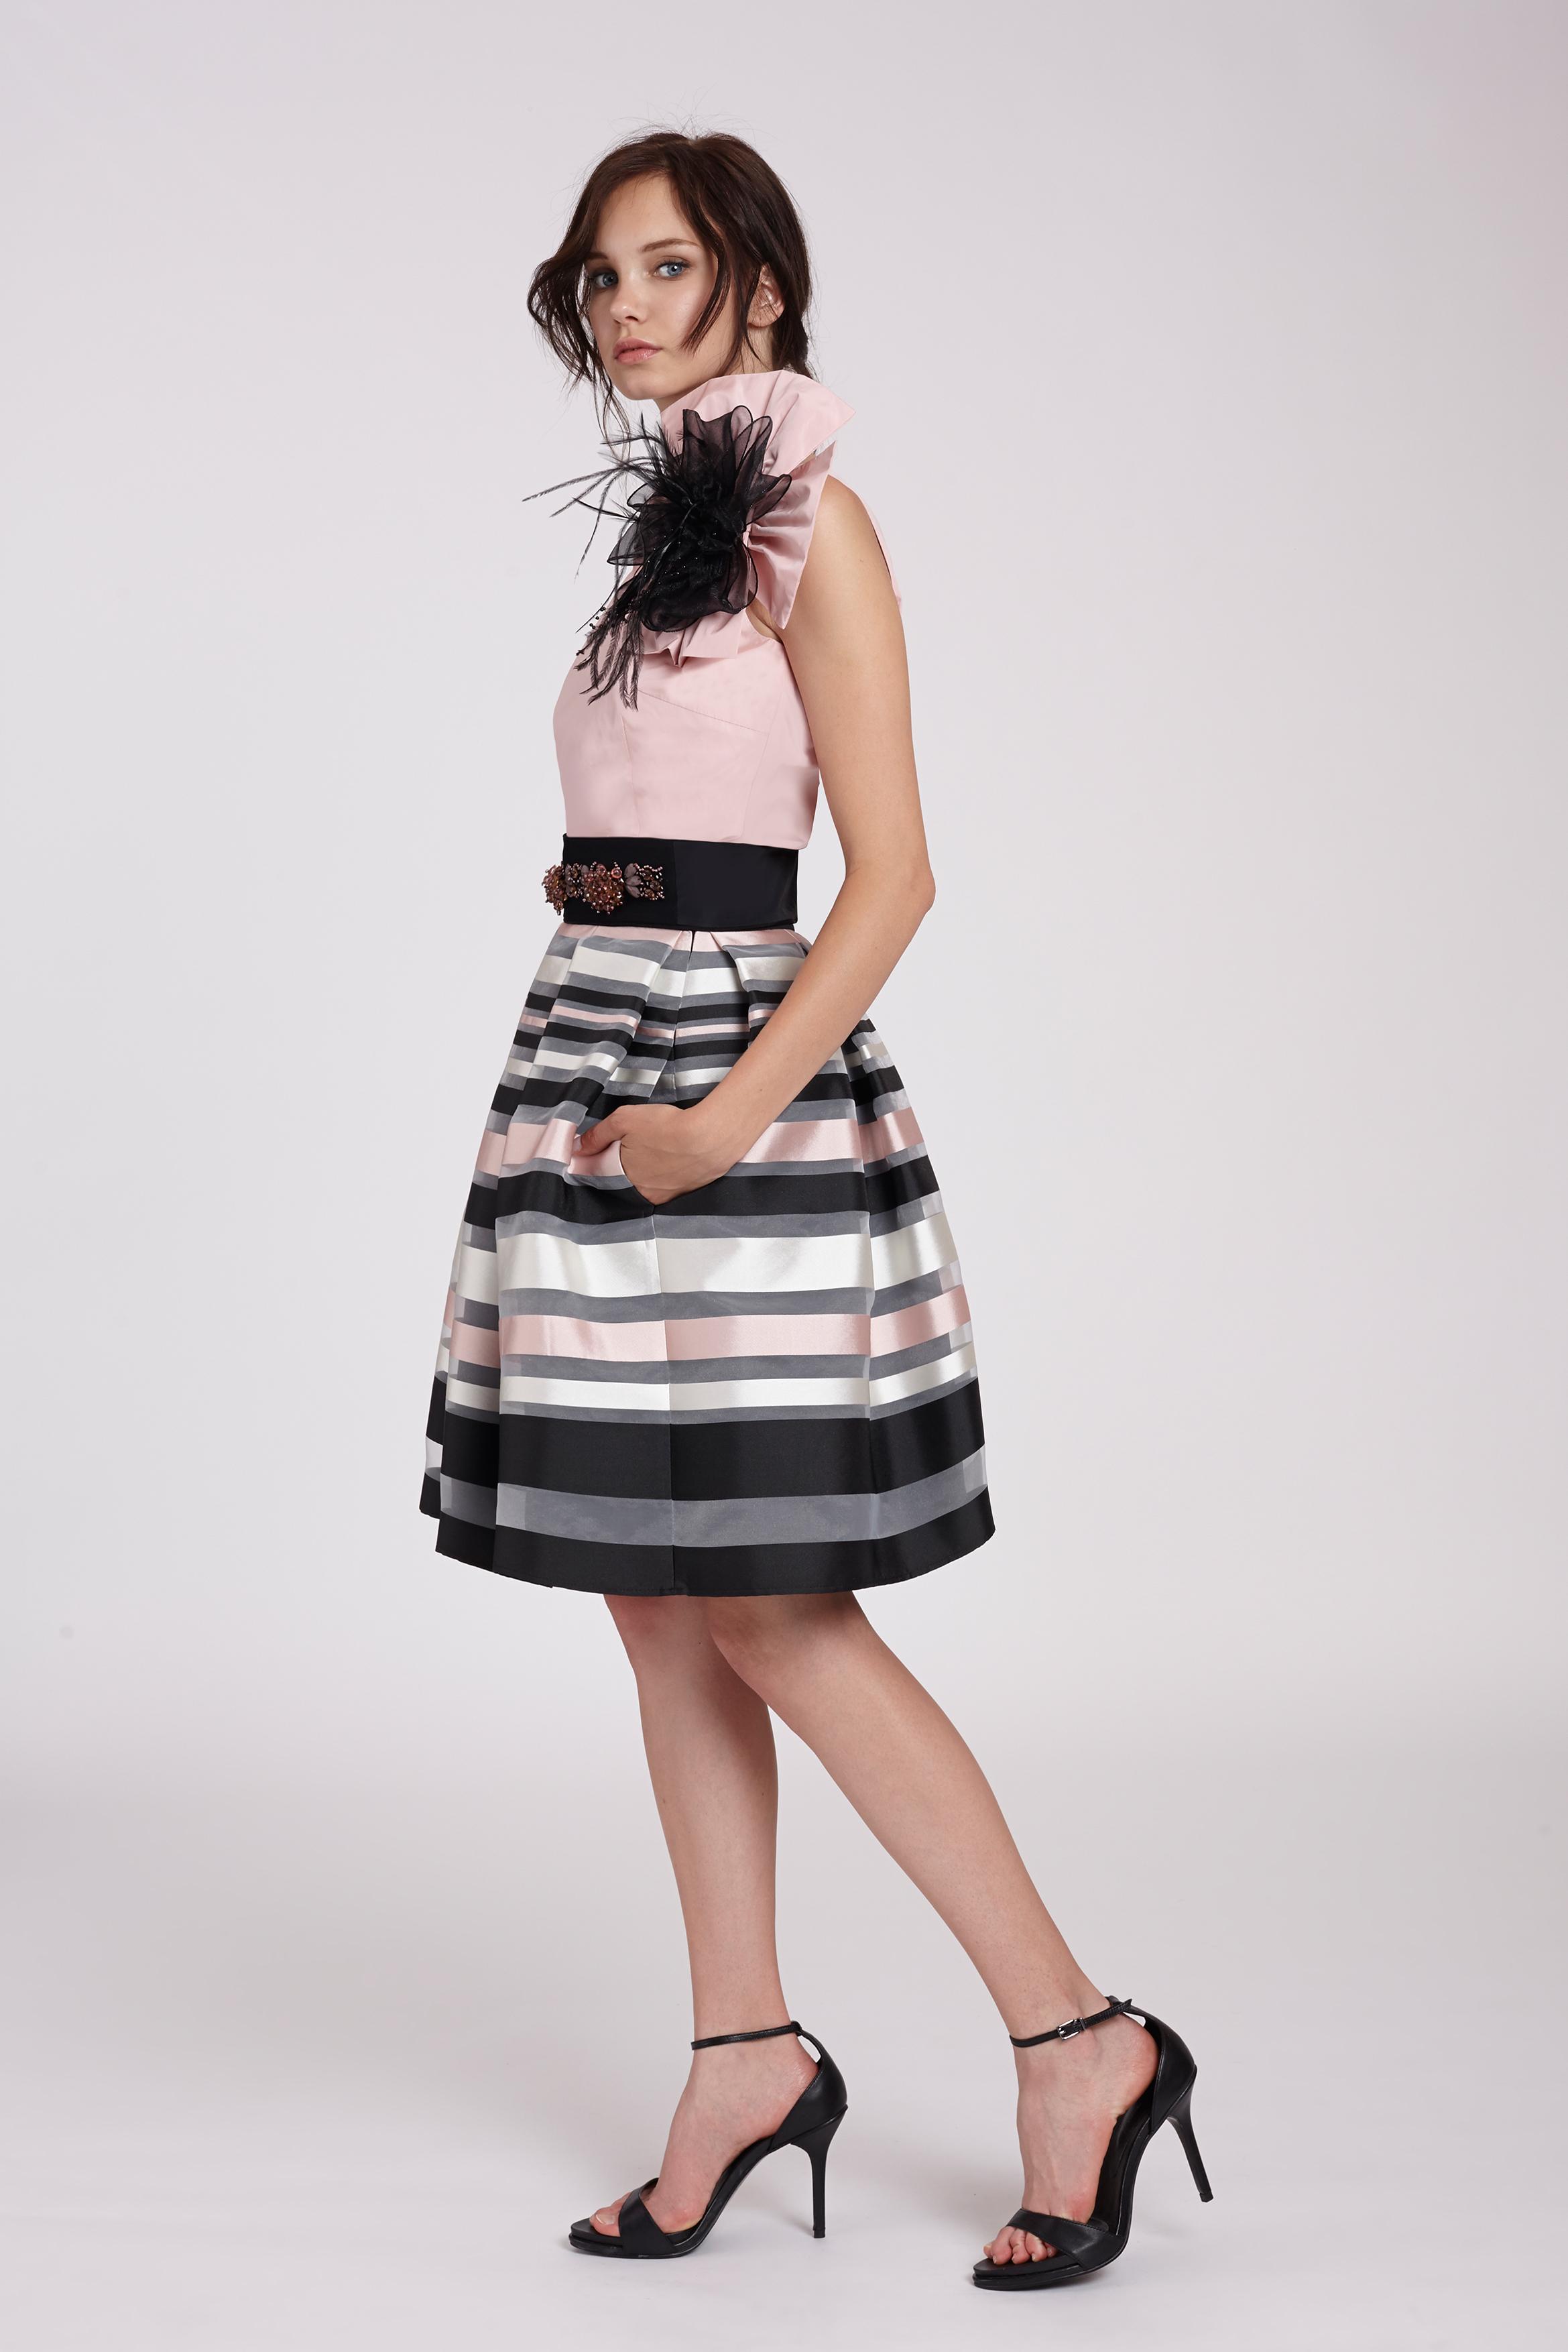 7231d4d54a1 Top asimétrico con broche y falda cóctel rayas